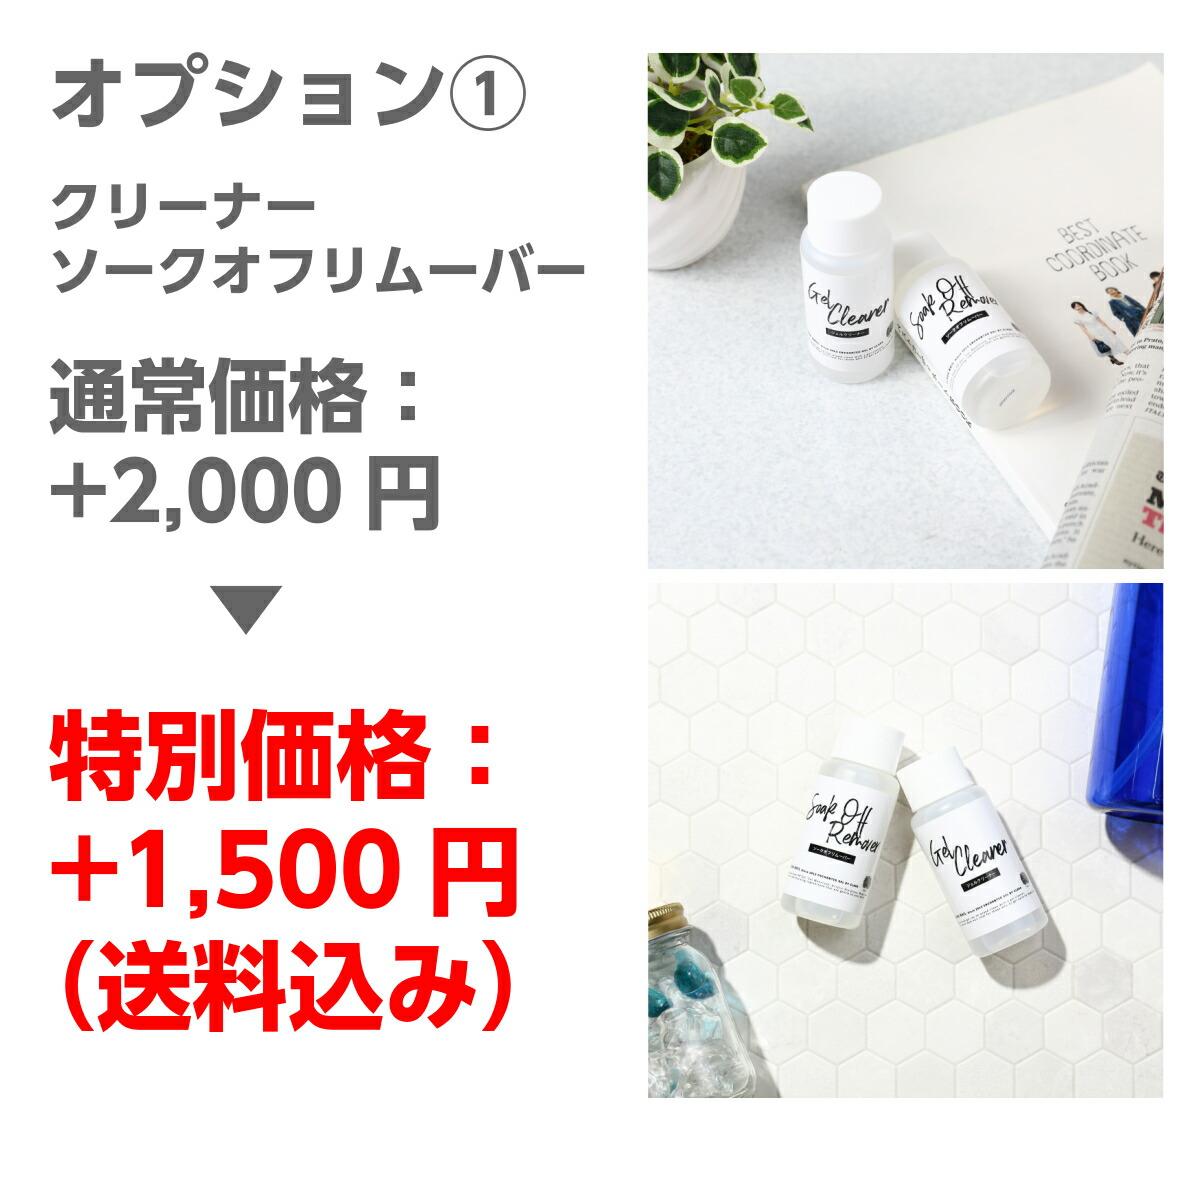 商品画像7オプション